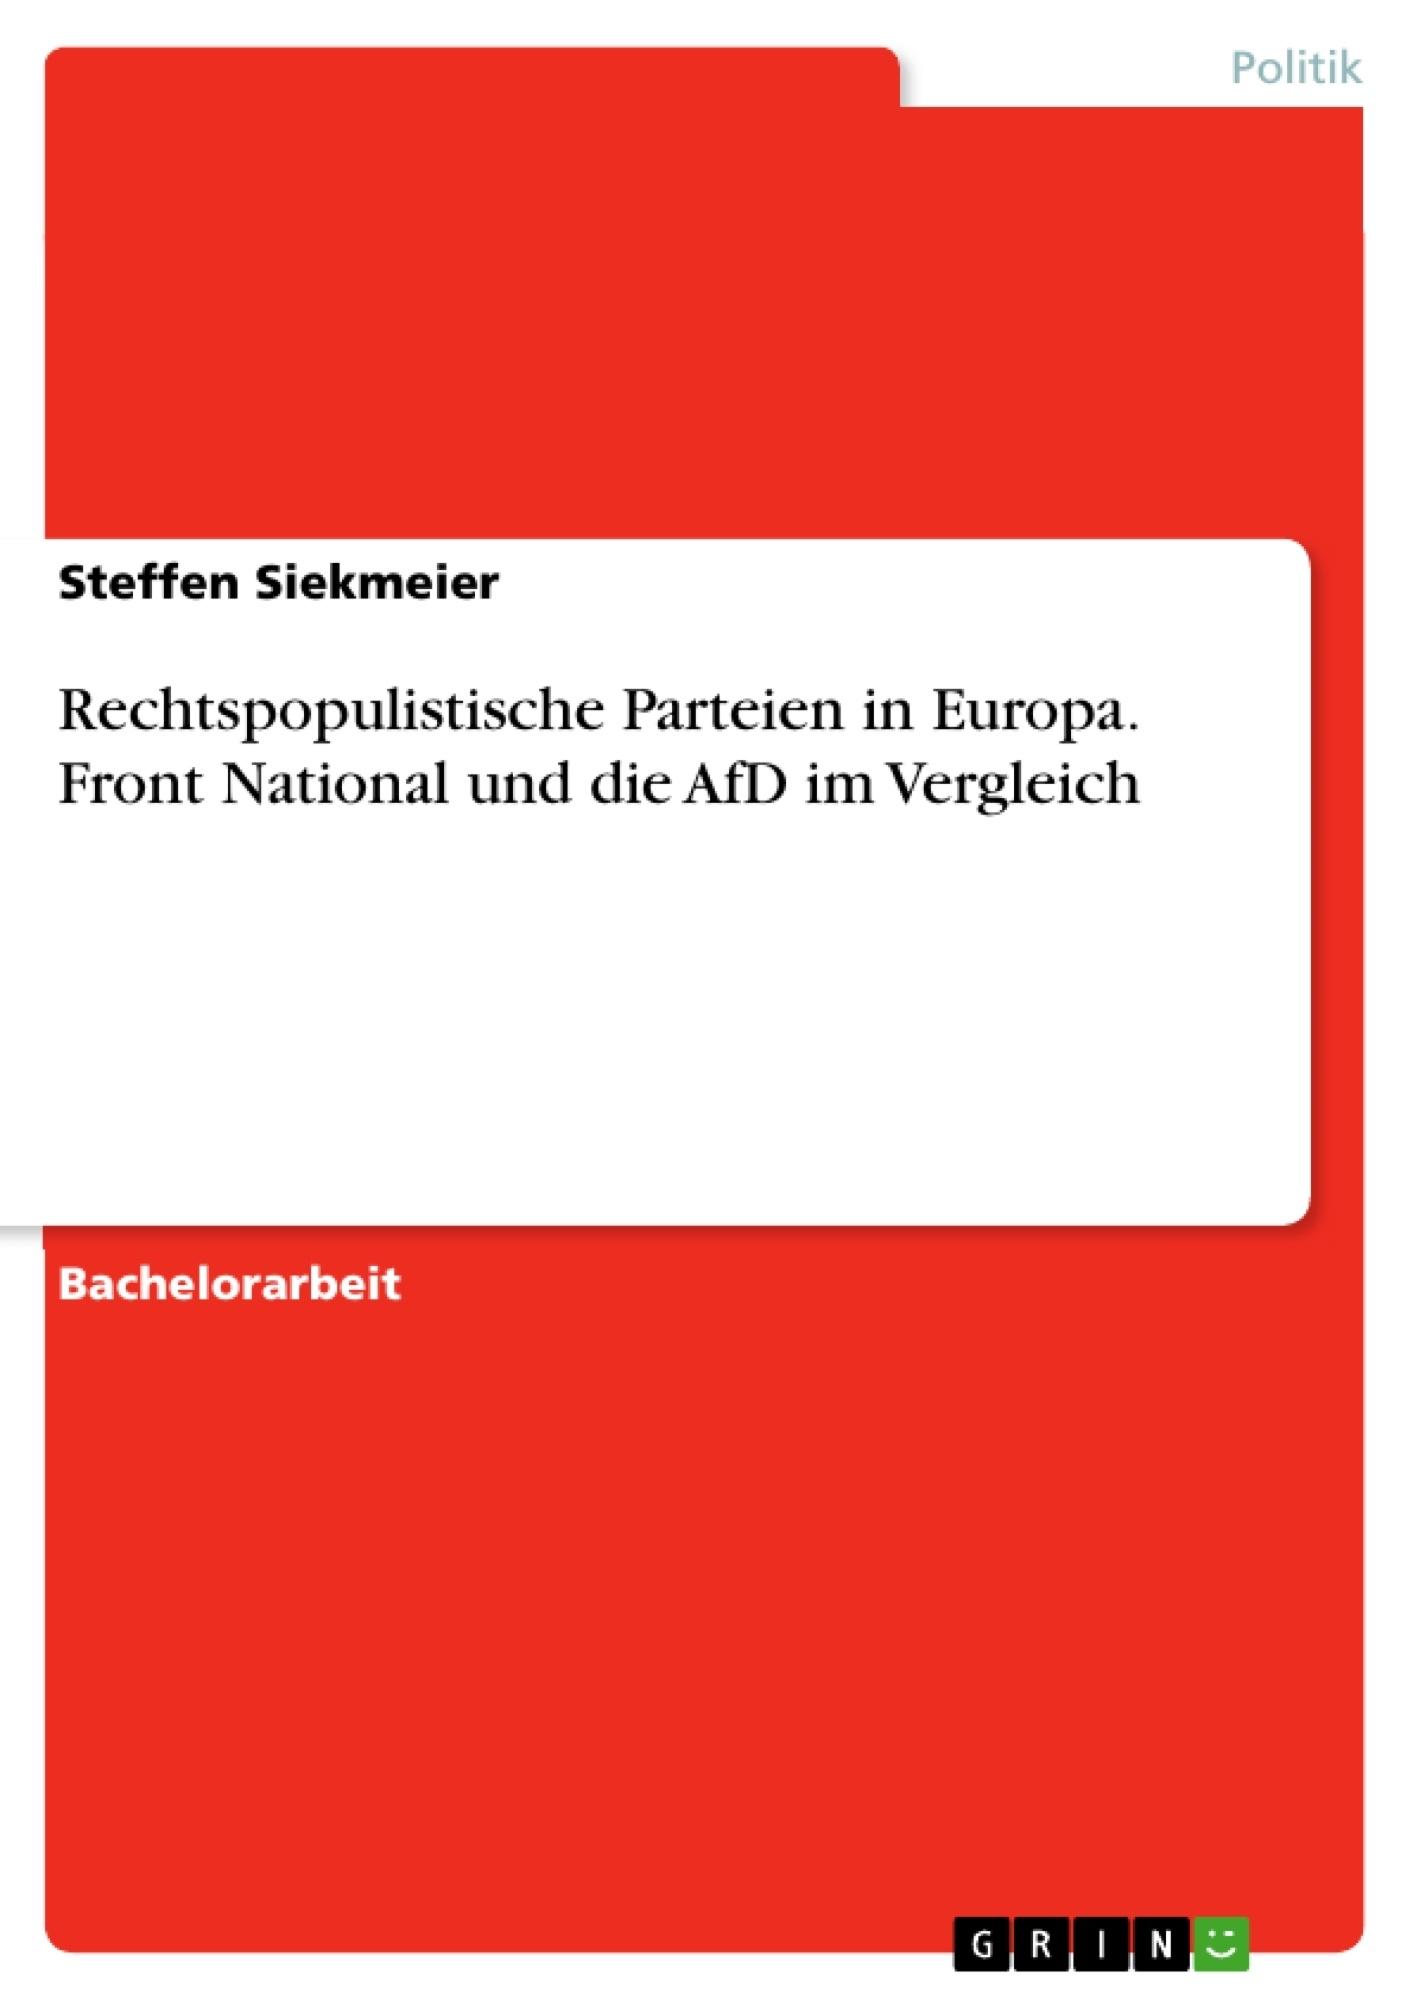 Titel: Rechtspopulistische Parteien in Europa. Front National und die AfD im Vergleich